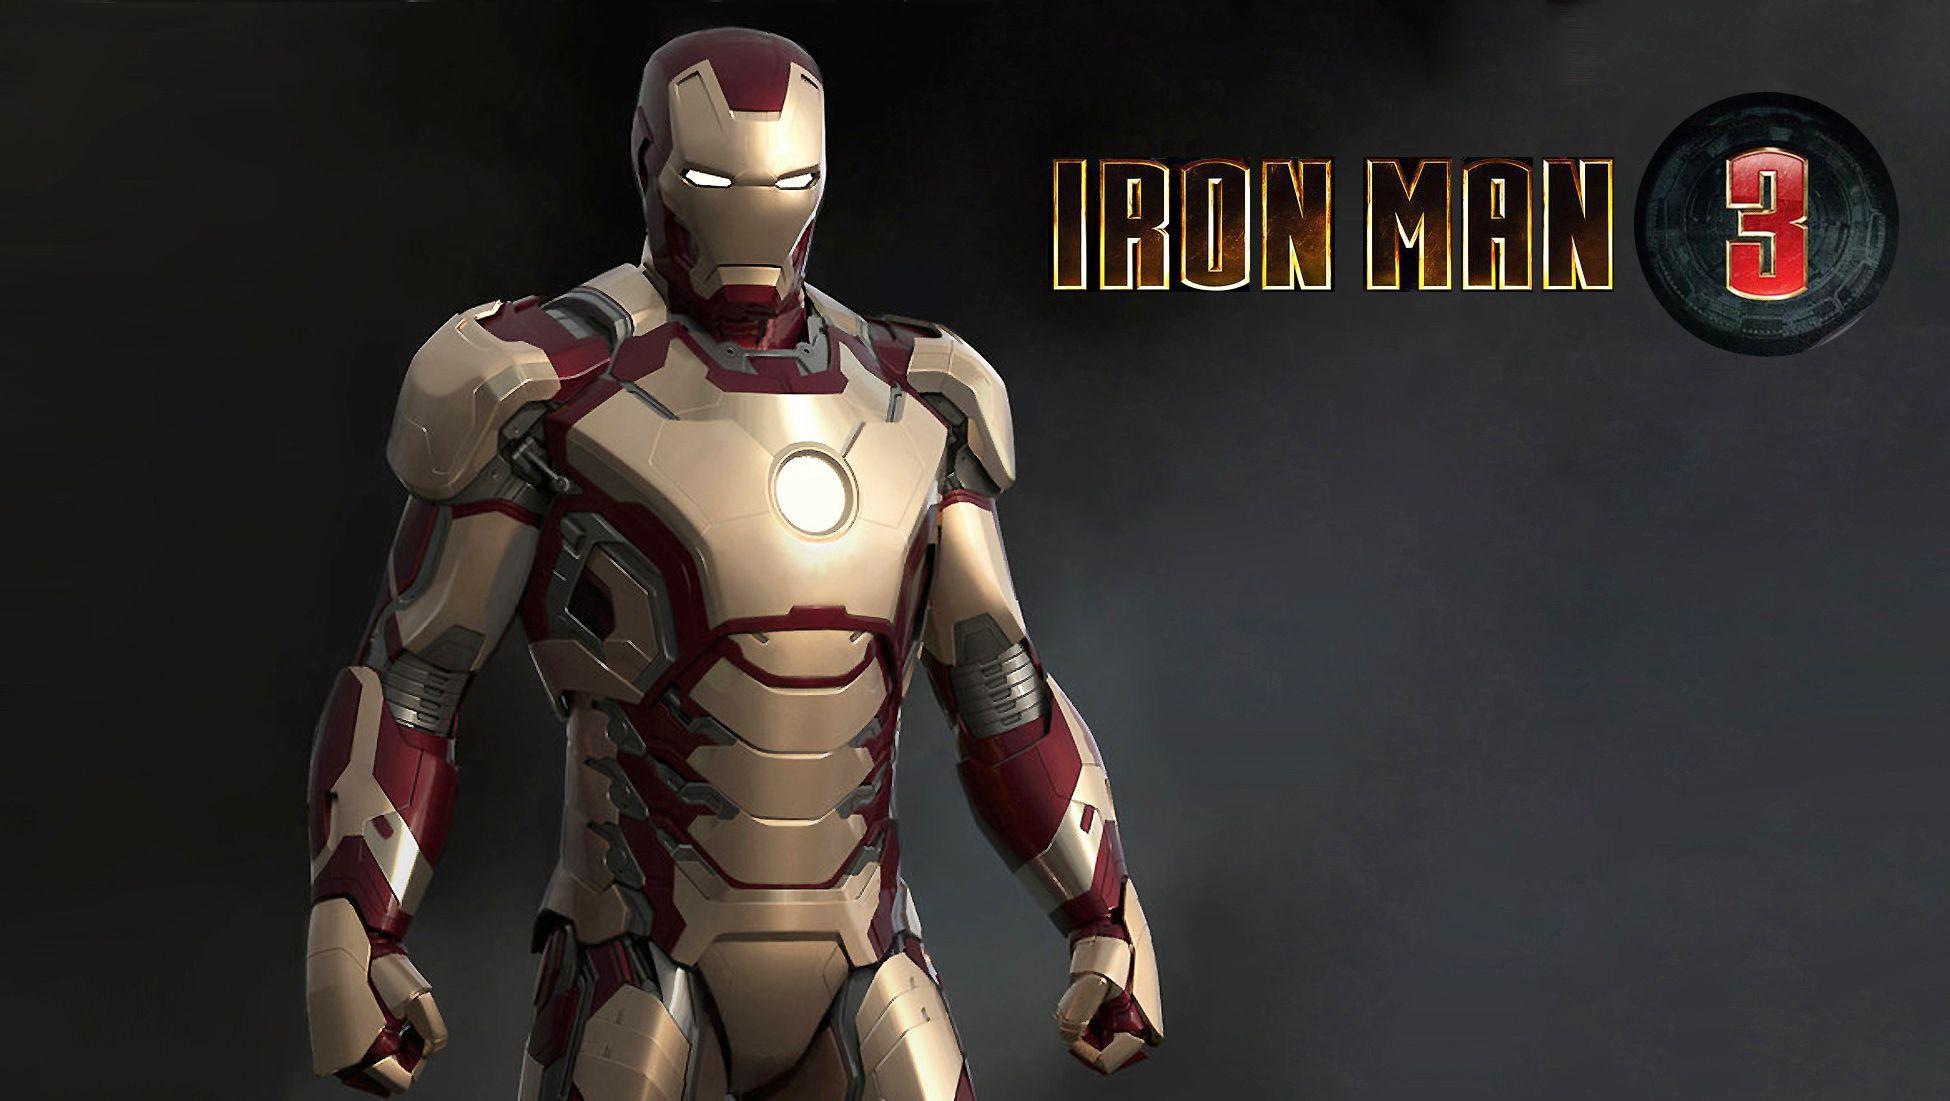 求最新鋼鐵俠 盔甲 及全身設計圖